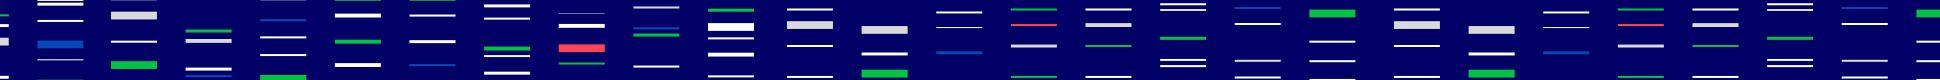 ITEA 4 page header cobalt tiles